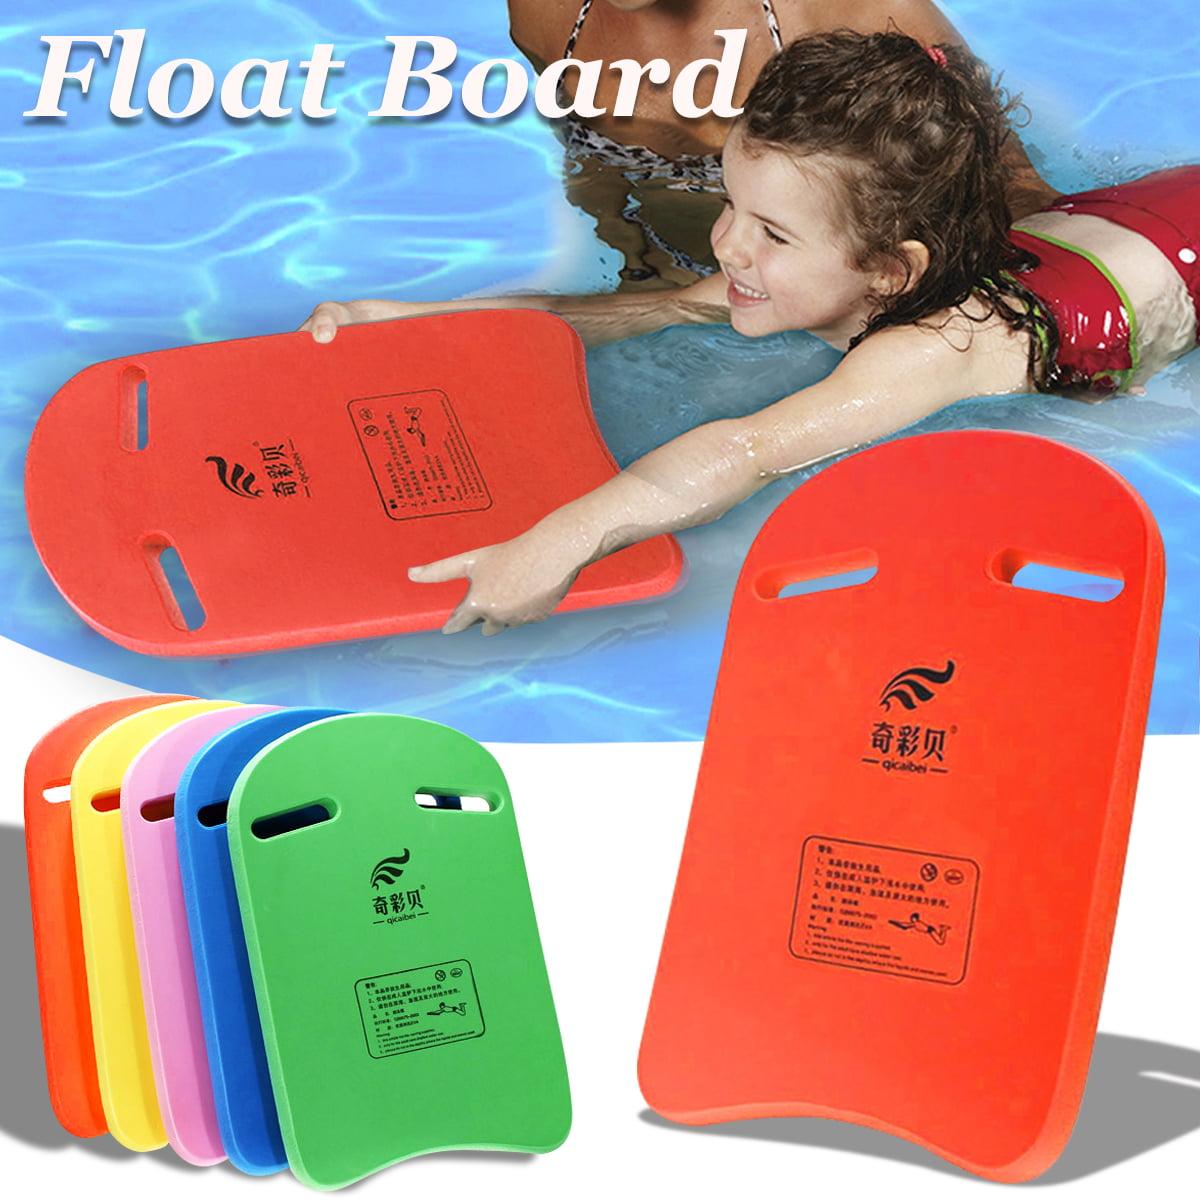 Safty Swimming Kickboard Foam Float Floating Hand Board Swim Pool Training Aid For Adults & Kids by